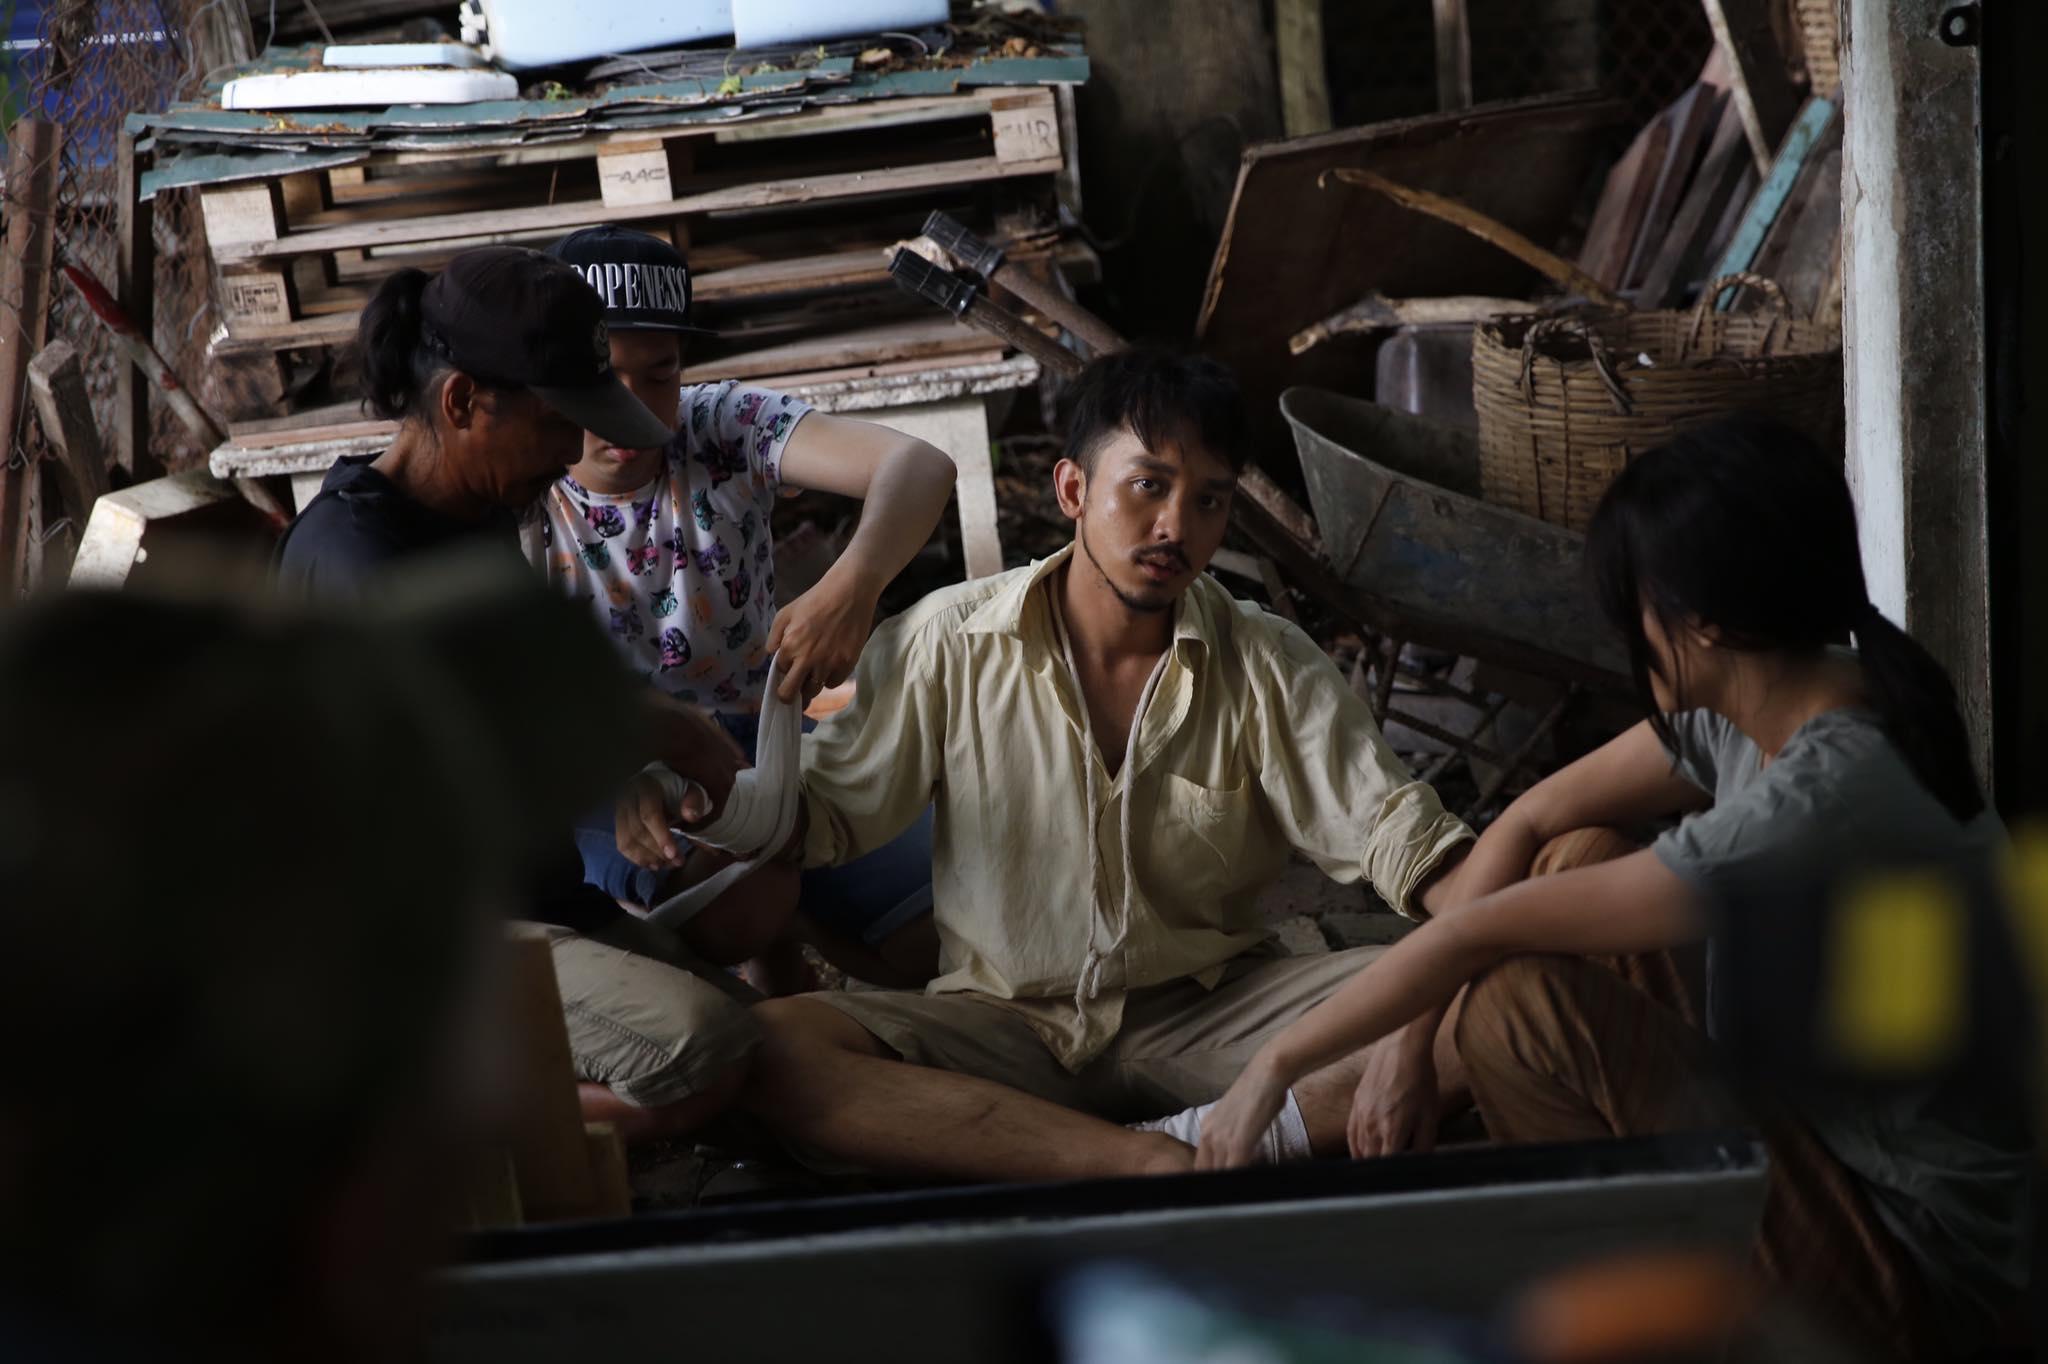 Tứ hoàng của điện ảnh Việt: Ông vua nào còn ngồi trên ngai? - Ảnh 6.